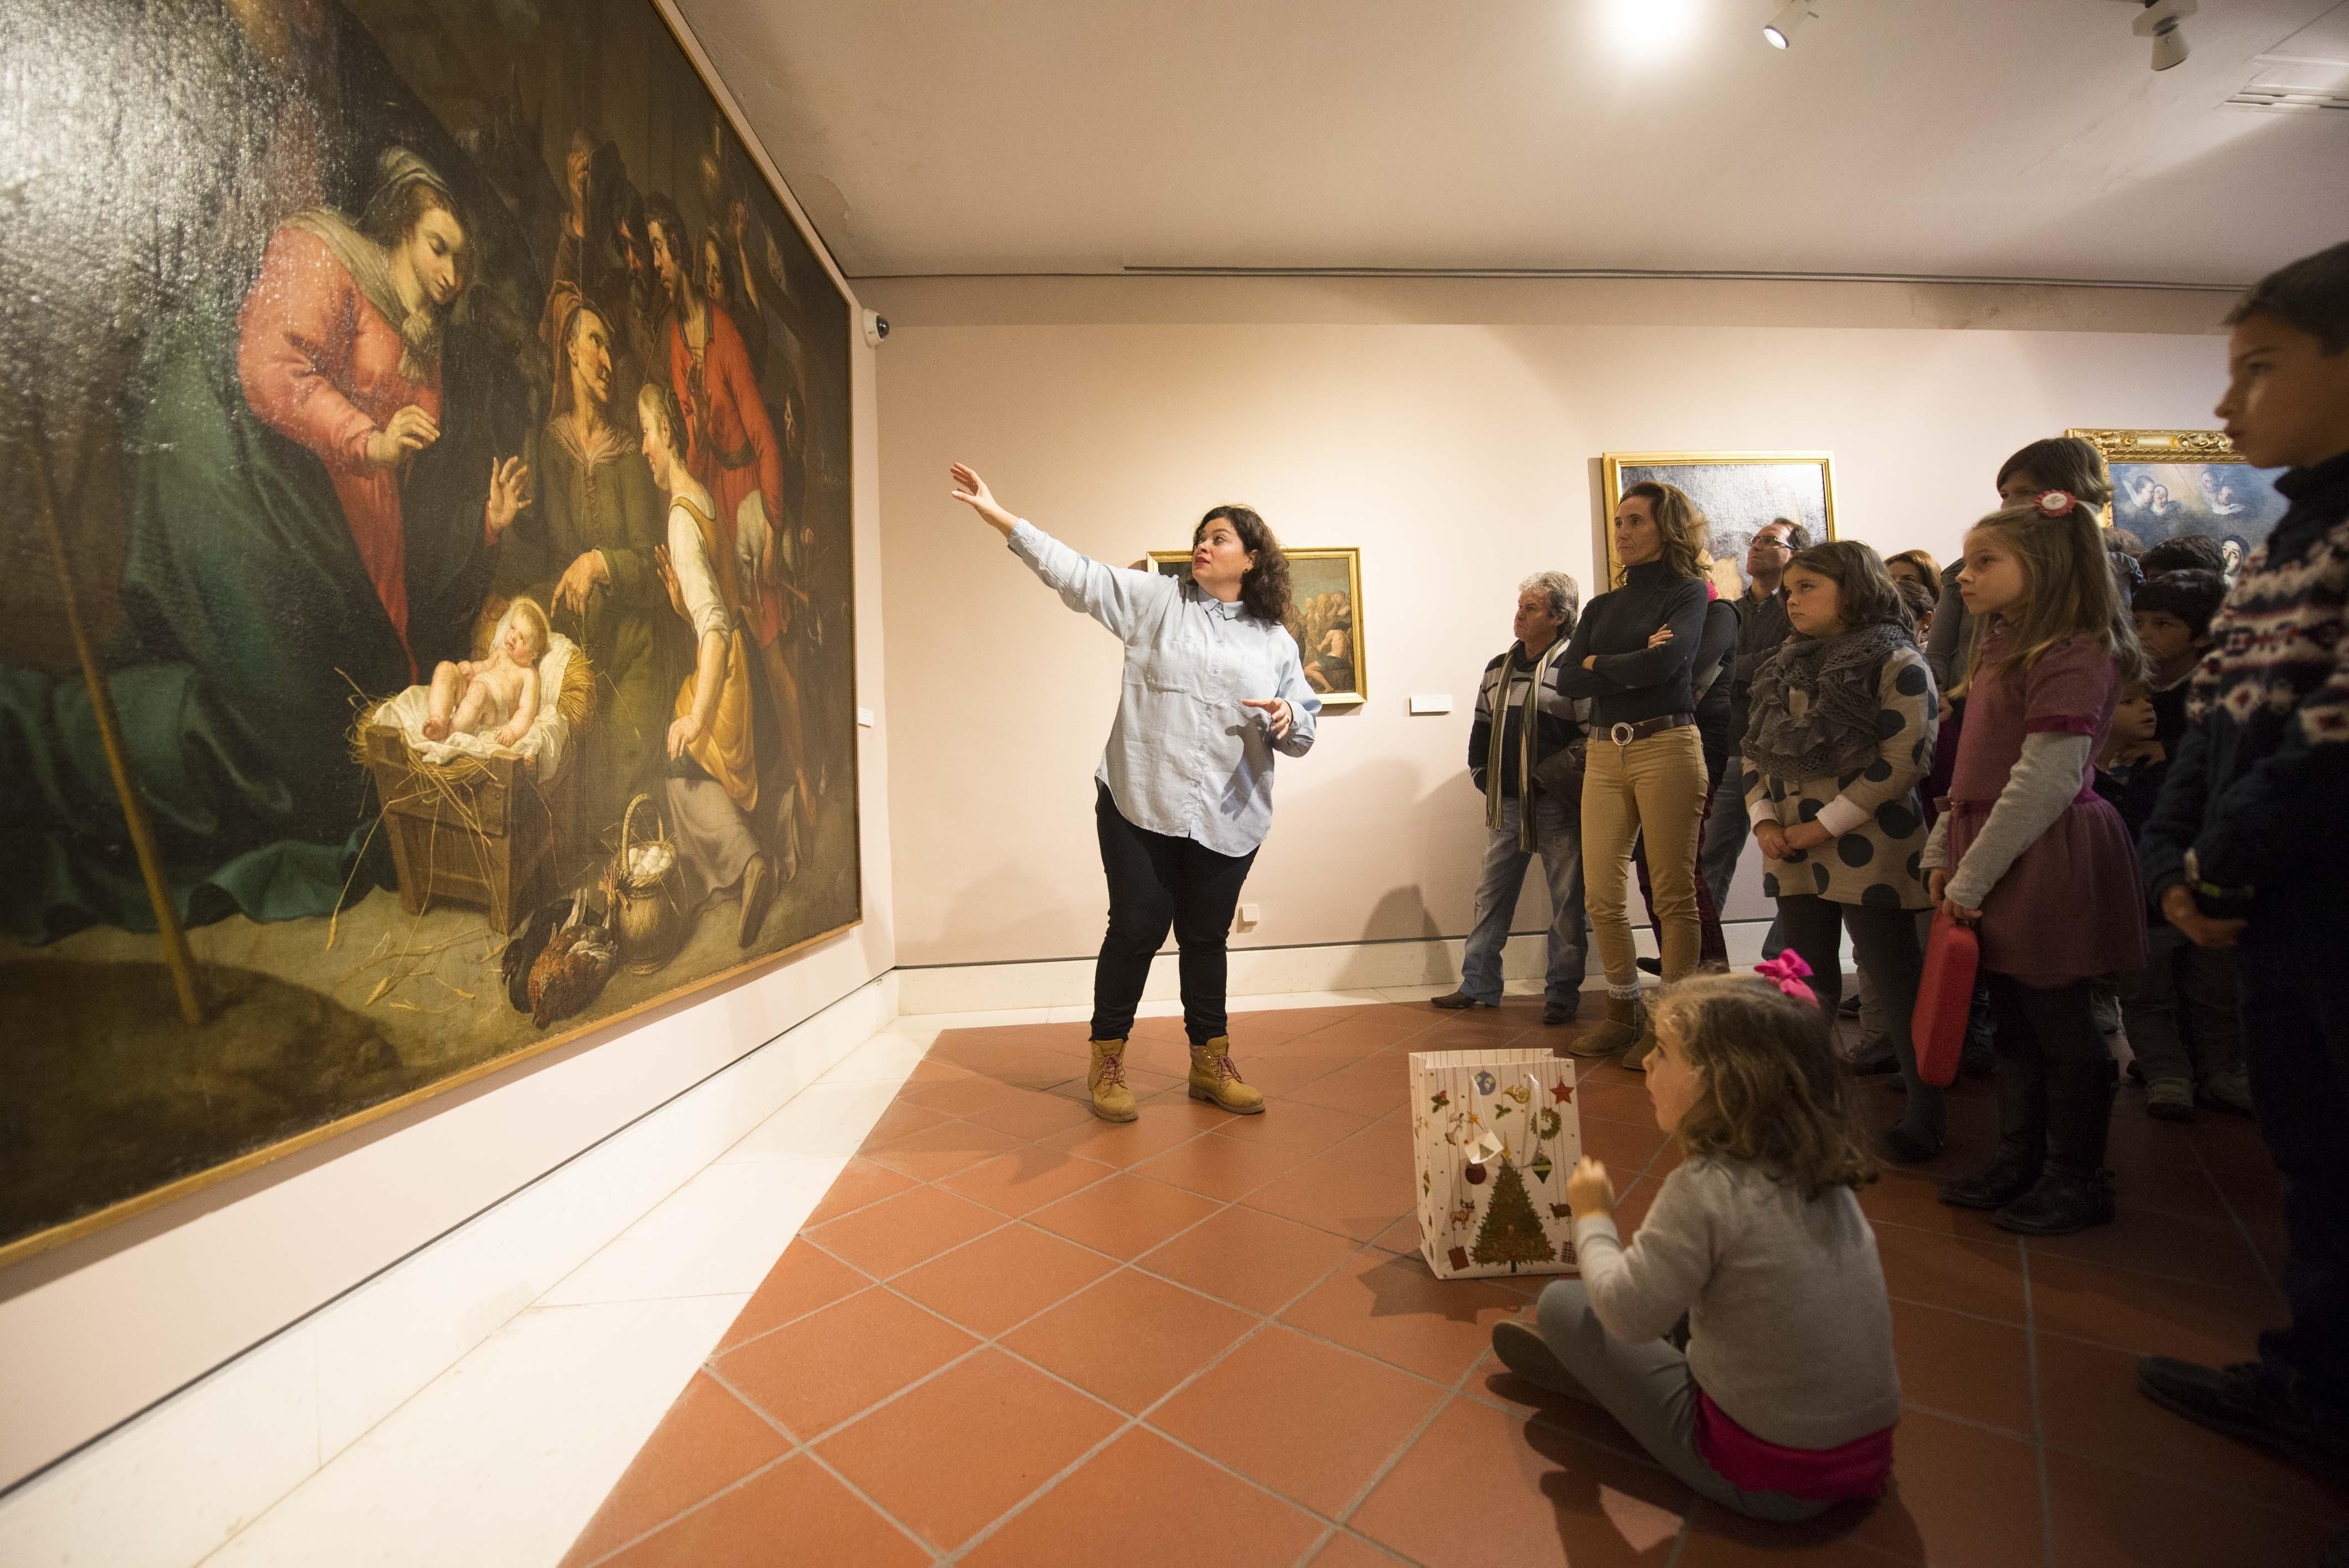 El Museo de Bellas Artes celebró ayer una original visita por las obras de temática navideña de la colección. / J. M. Paisano